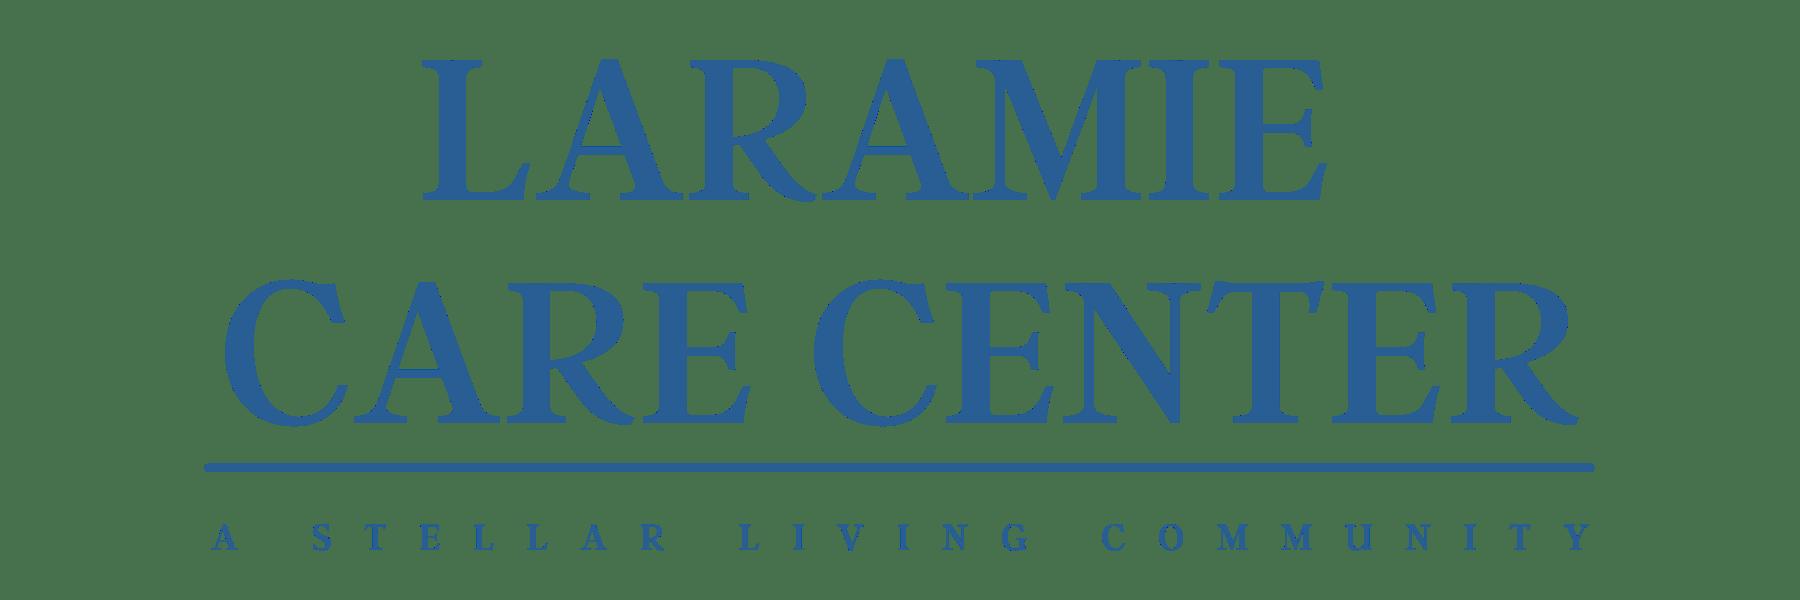 Laramie Care Center Logo